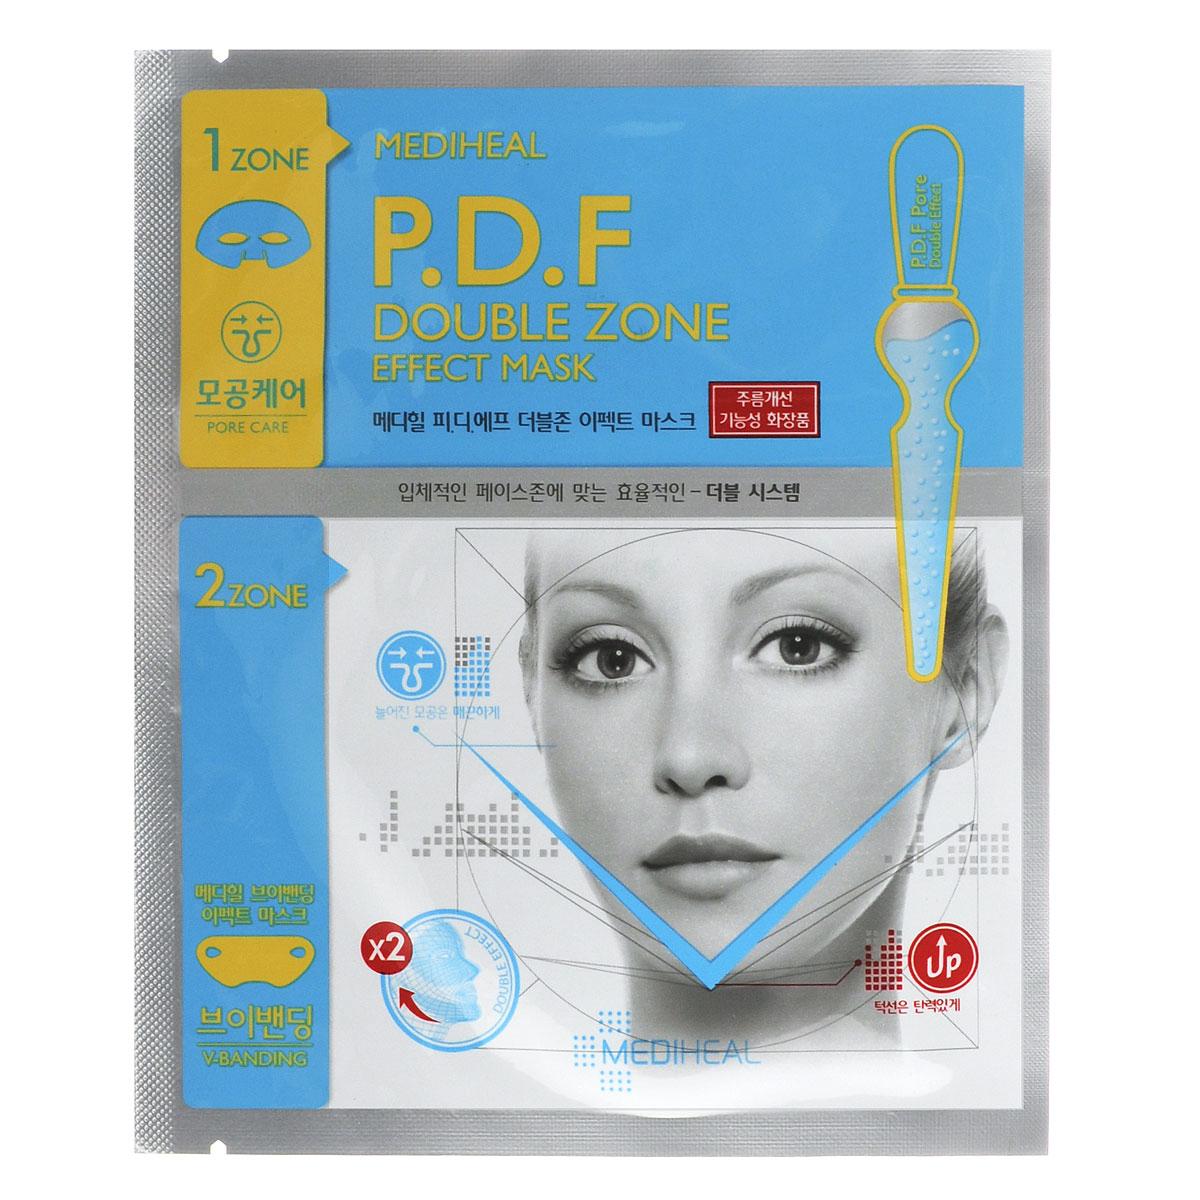 Beauty Clinic Маска для молодой кожи PDF, двухзональная, для проблемной кожиFS-00897Маска ухаживает сразу за двумя зонами кожи лица: снимает воспаление, успокаивает проблемную кожу, сужает поры и подтягивает V-зону, делая ее более упругой и эластичной. Маска решает 2 задачи: 1. Уход за проблемной кожей в верхней части лица.Маска сужает поры, придает гладкость и эластичность коже, увлажняет. Верхняя часть маски на основе целлюлозы плотно прилегает к коже, обеспечивая глубокое проникновение питательных веществ.Эссенция, которой пропитана маска, содержит такие эффективные компоненты как экстракты гамамелиса, цветков ромашки, центеллы азиатской, хауттюйнии сердцевидной.Экстракт гамамелиса обладает выраженным вяжущим, а также антибактериальным действием, смягчает поверхностный слой кожи, способствует стягиванию расширенных пор, препятствует появлению воспалений.Экстракт из цветков ромашки смягчает кожу, снимает воспаления и покраснения, стимулирует обновление клеток кожи. Экстракт портулака огородного успокаивает проблемную, жирную и раздраженную кожу, освежает ее. Экстракт центеллы азиатской стимулирует синтез коллагена, заживляет мелкие ранки и трещины, улучшает состояние и цвет кожи. Экстракт хауттюйнии сердцевидной обладает противовоспалительным действием.2. Восстановление V-зоны лица.Нижняя часть маски (гелевая) предназначена для повышения упругости кожи в области подбородка. Содержит гидролизованный коллаген, аденозин и другие компоненты, которые придают коже упругость и эластичность. Специальная запатентованная форма маски, которая крепится за уши, подтягивает кожу и корректирует линию подбородка. Продукт прошел дерматологическое тестирование.P.D.F. (Pure Dermal Factor) - комплекс компонентов, сужающих поры,успокаивающих воспаленную проблемную кожу. Обладает регенерирующим действием. В состав входит комплекс растительных экстрактов (экстракт центеллы азиатской, гамамелиса вирджинского, хауттюнии сердцевидной, портулака огородного, цветов ромашки аптечной и др.), а